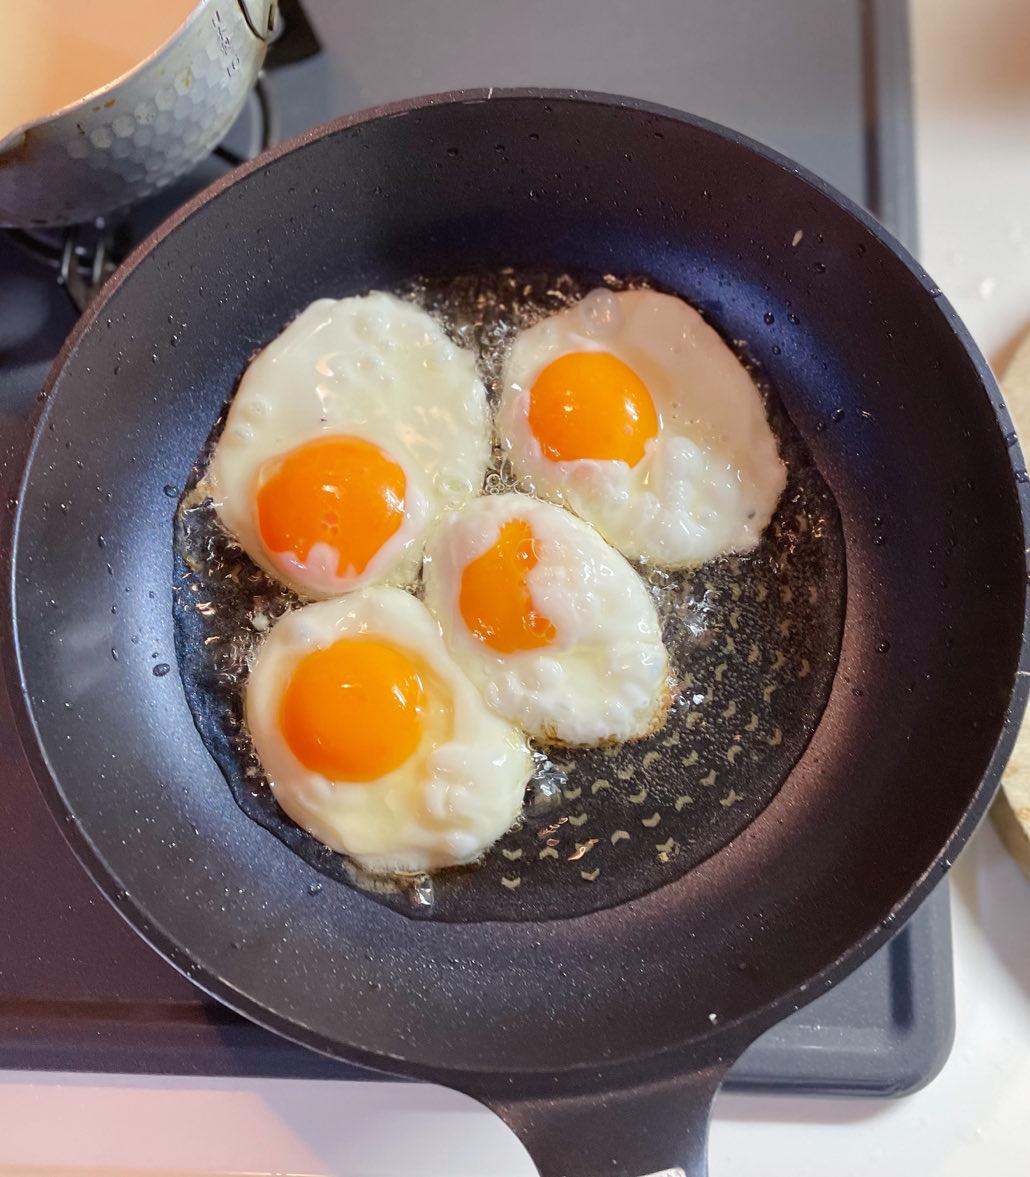 めちゃ美味!お弁当のおかずに最適な卵揚げ焼き!